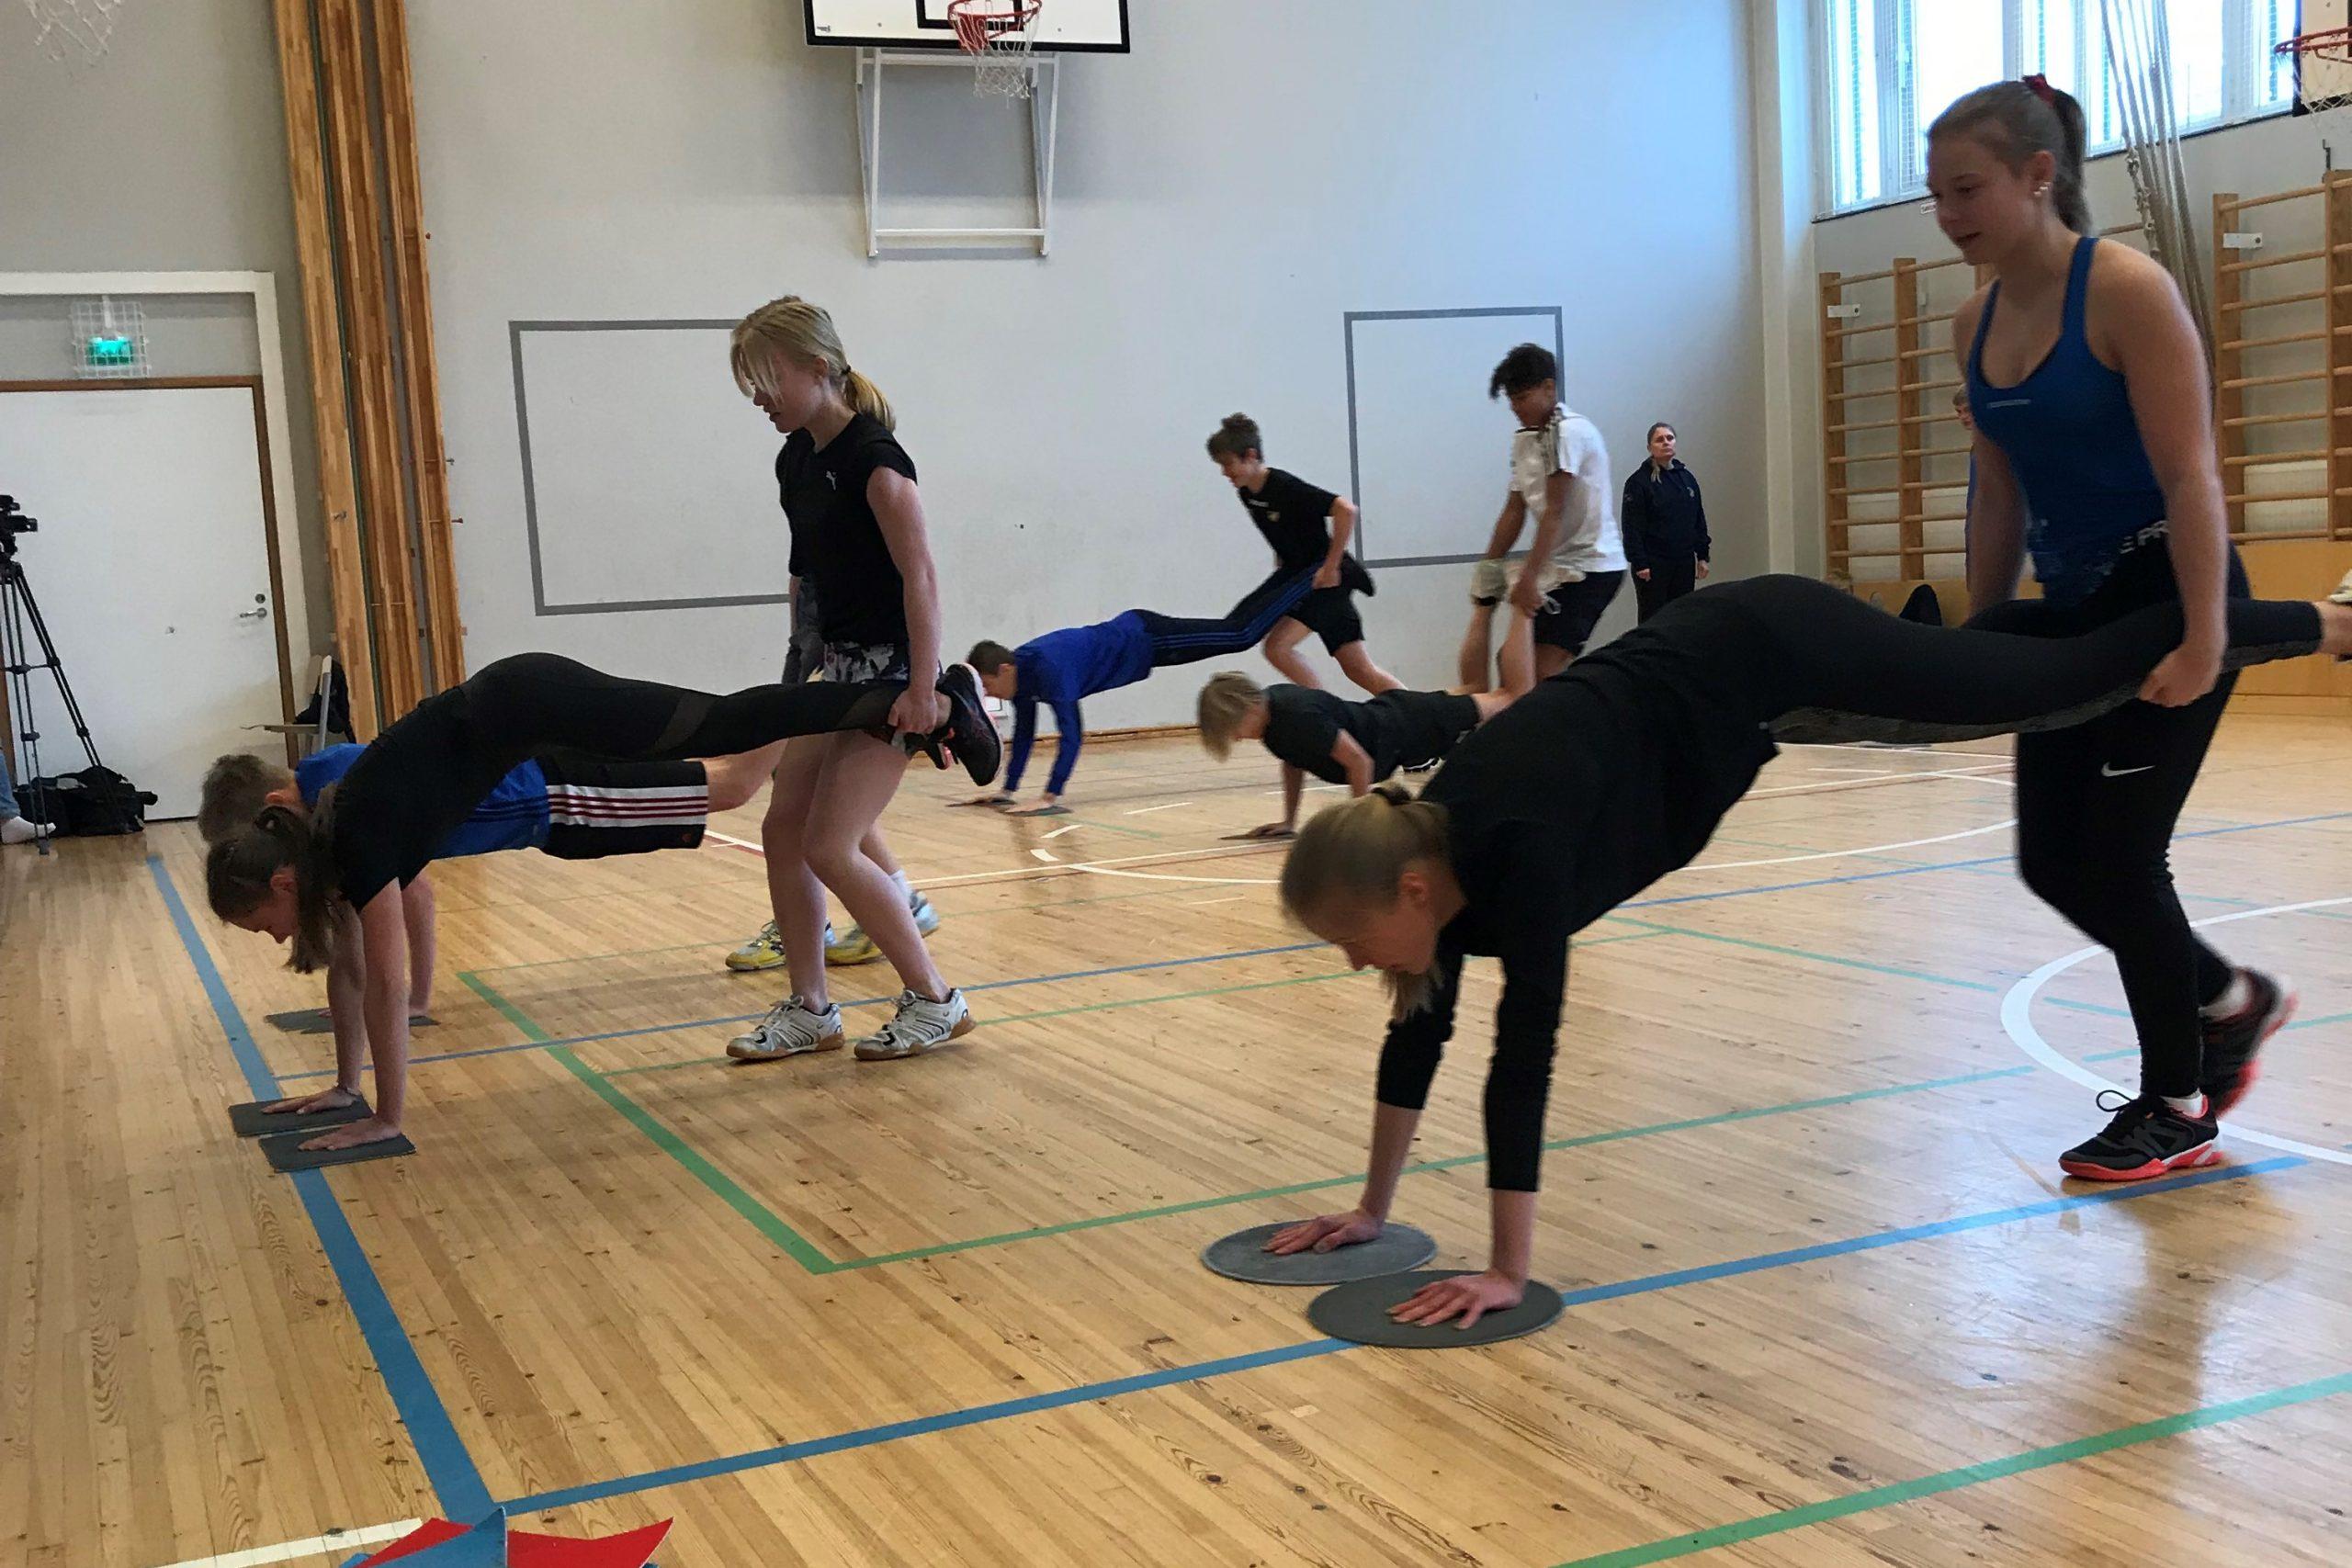 Nuoret tekevät liikuntatunnilla lihaskuntoharjoitteita